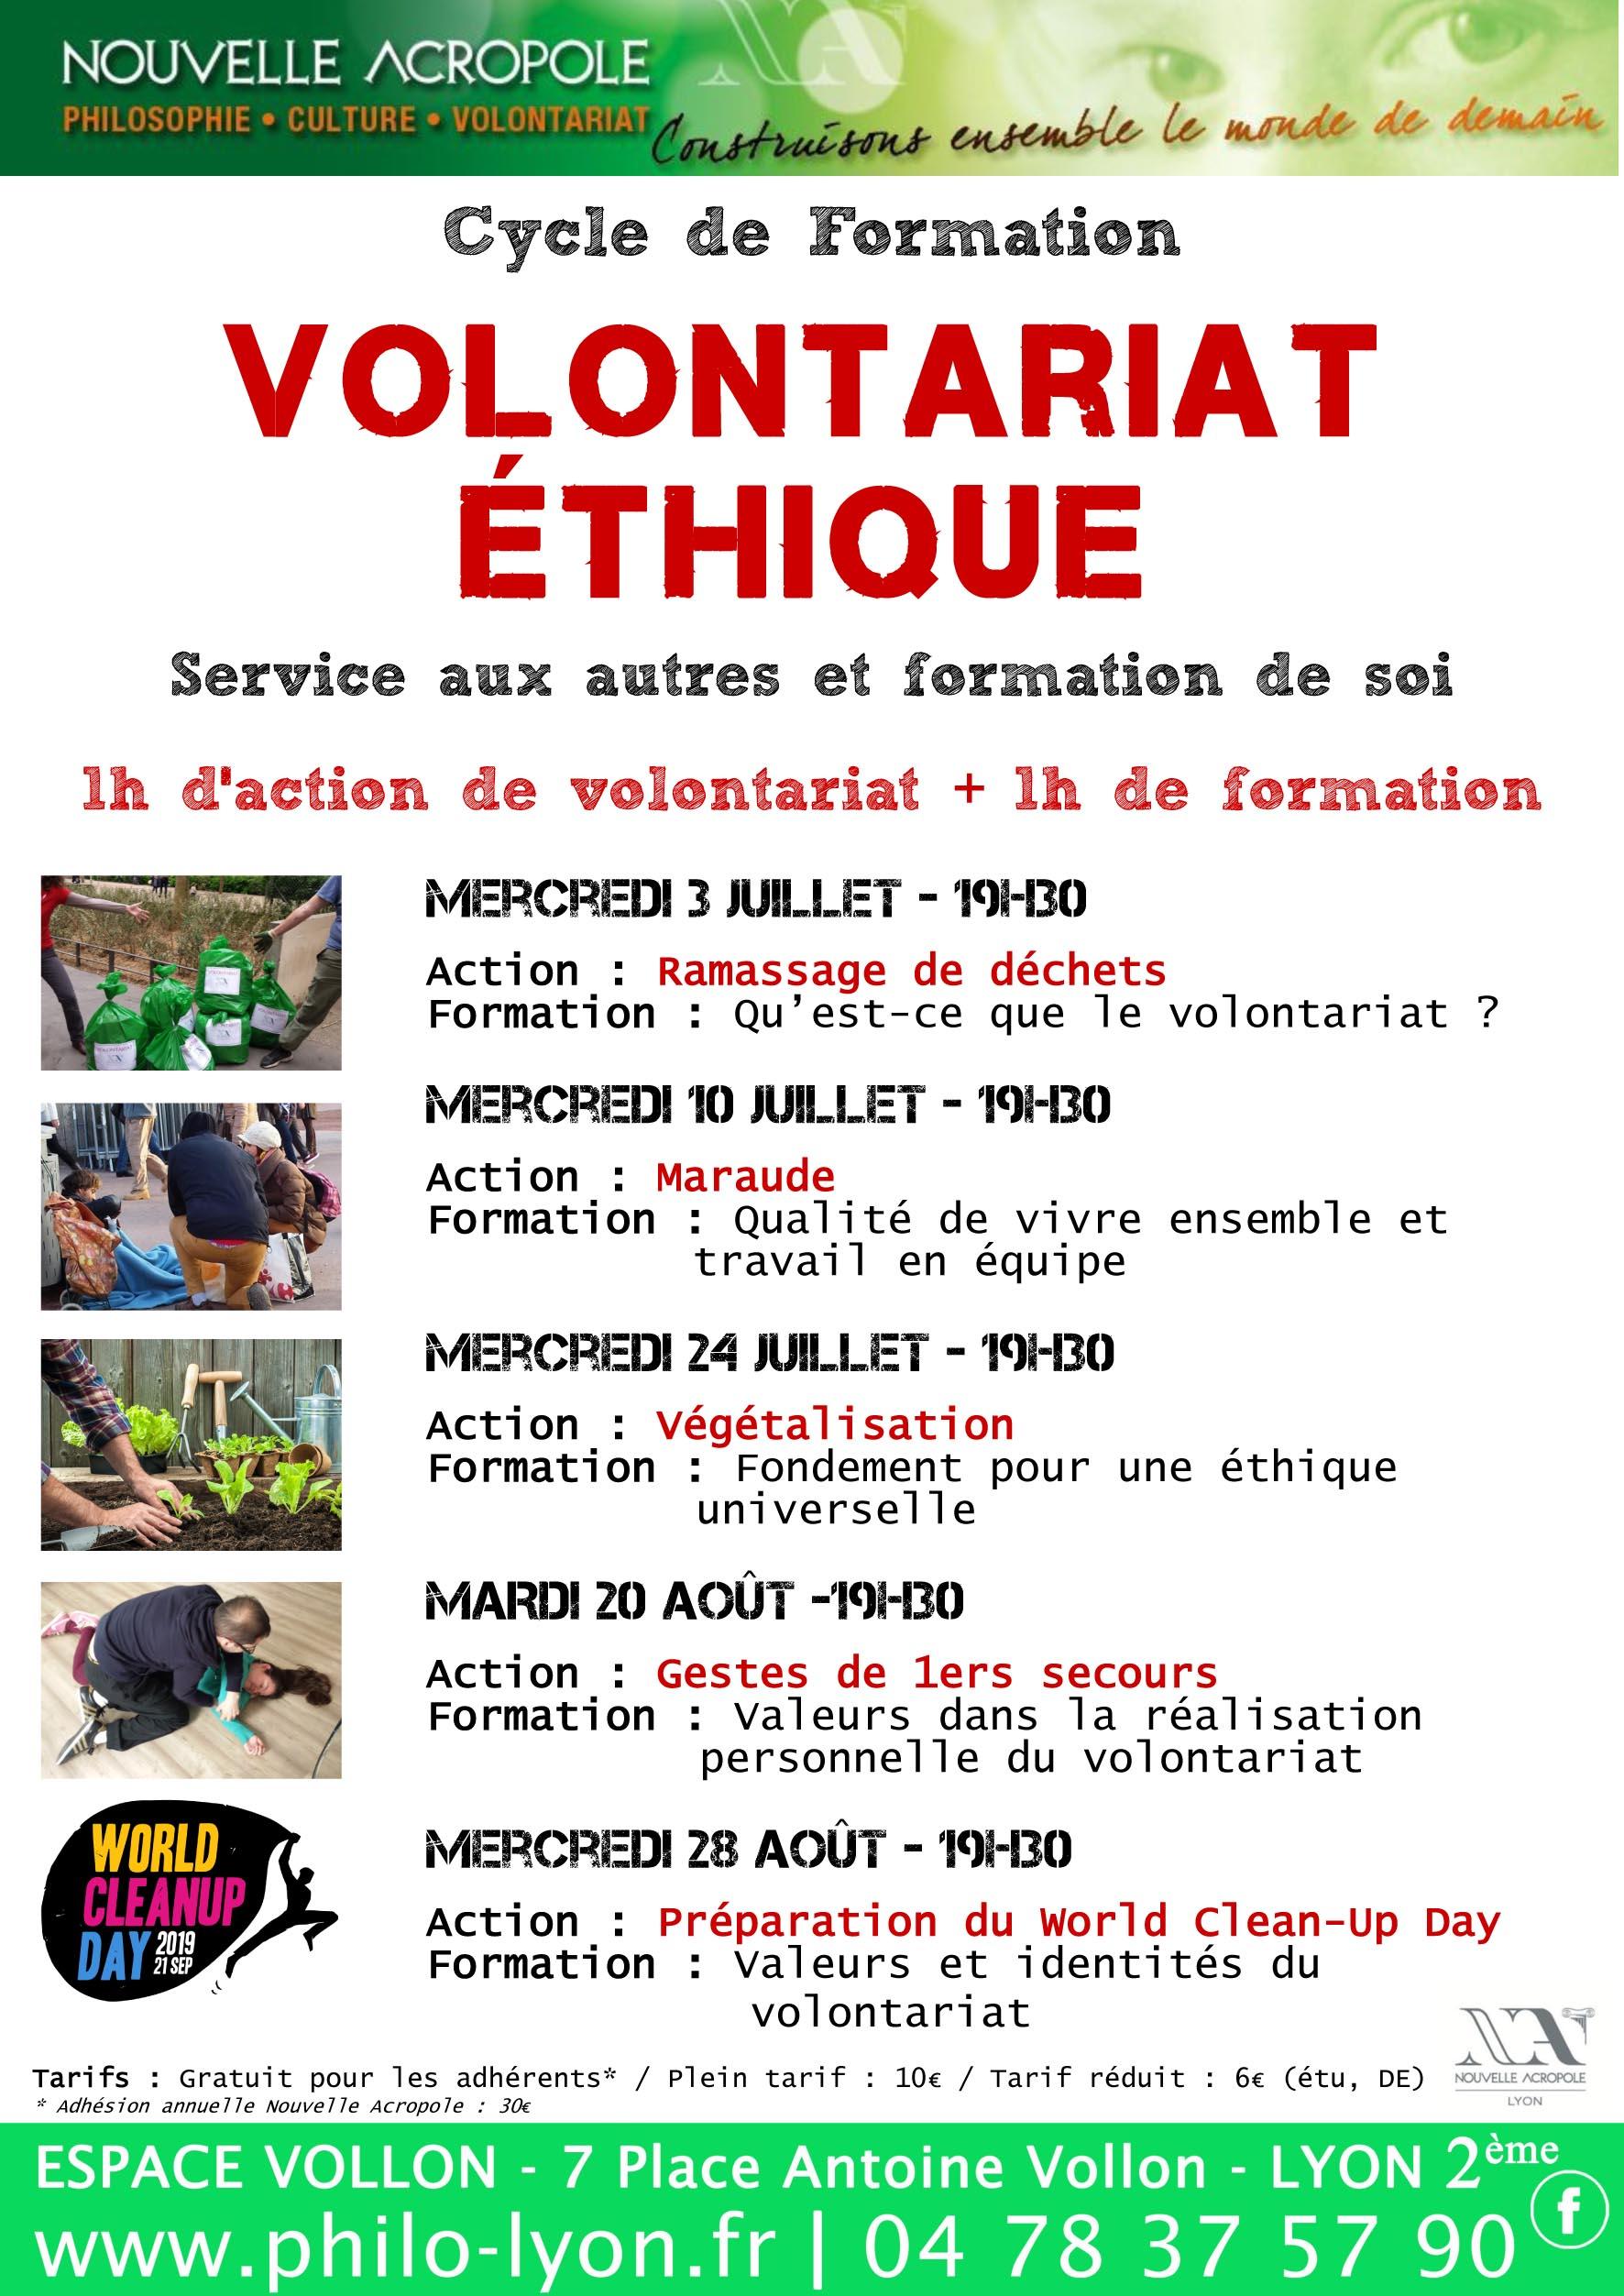 Nouvelle Acropole Lyon - Volontariat ethique